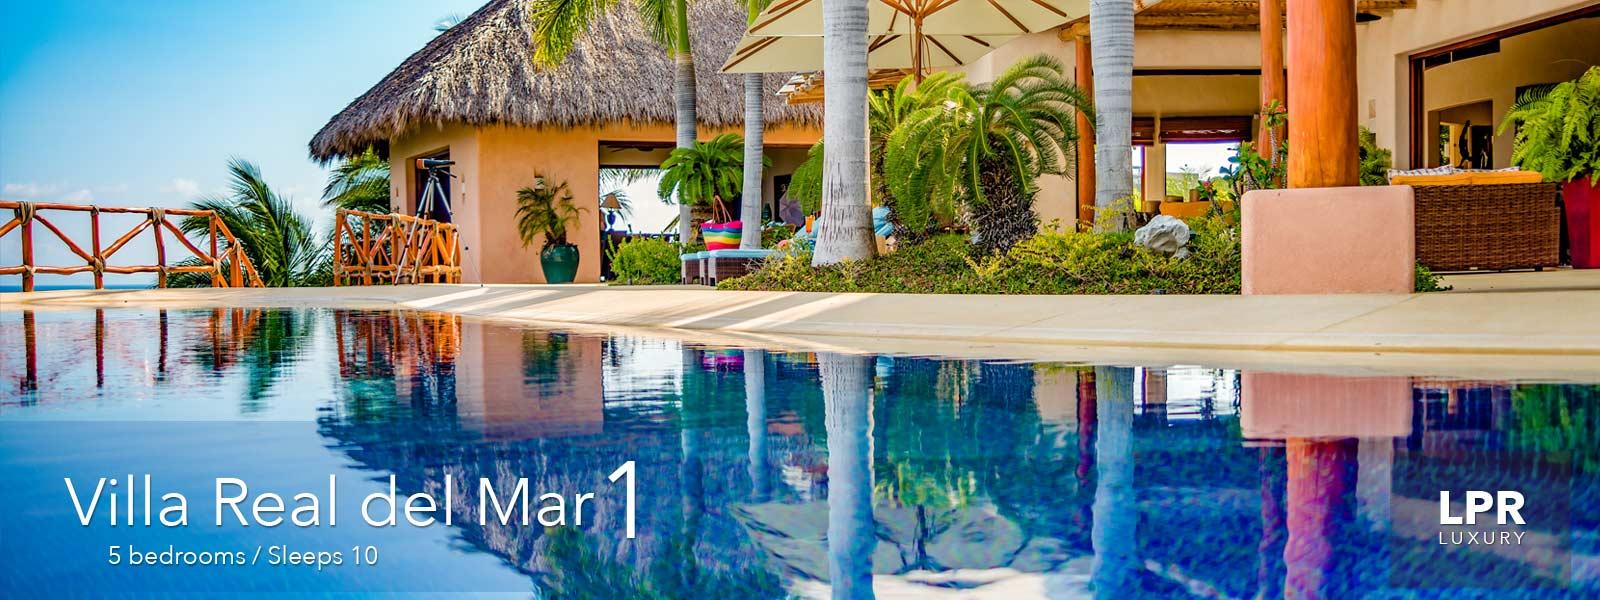 Villa Real del Mar 1 - Punta de Mita Luxury Real Estate and Vacation Rentals - Mexico